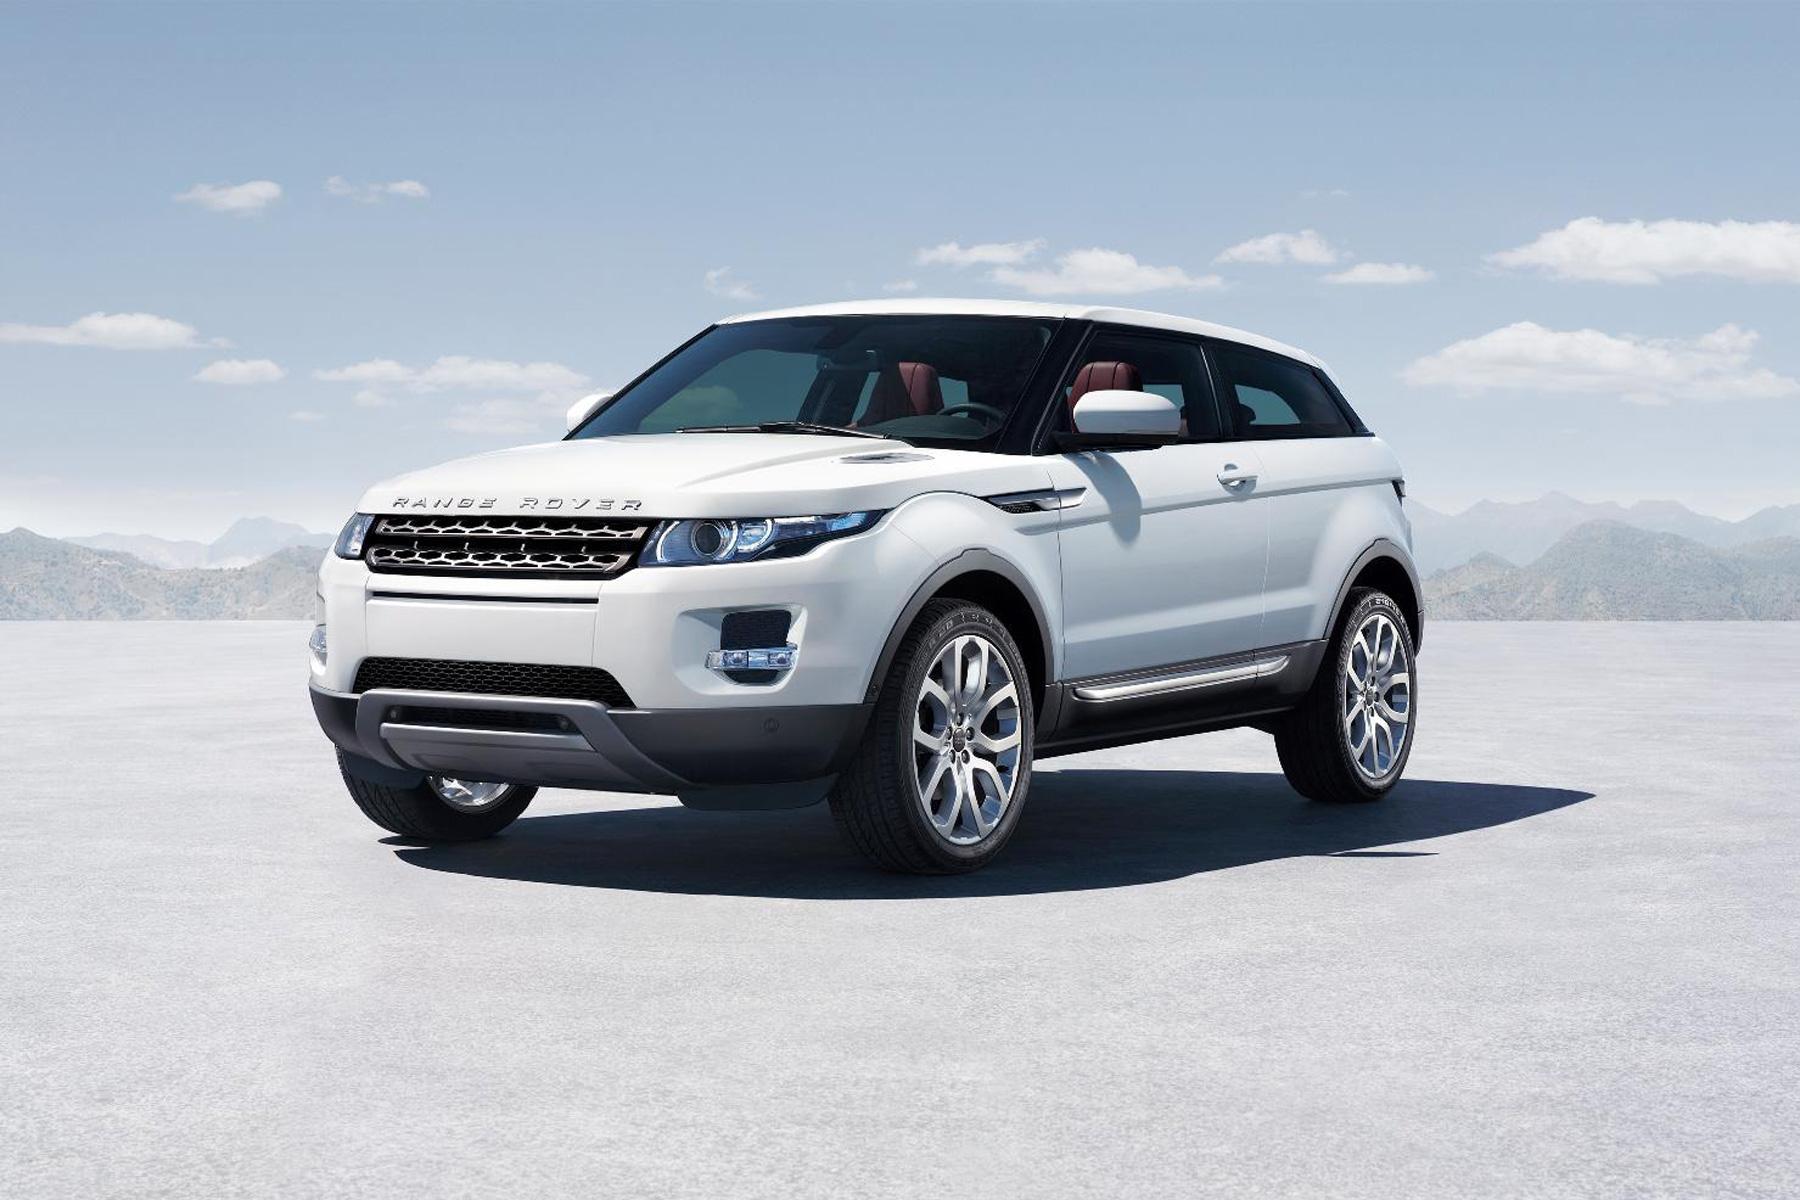 The Range Rover Evoque of 2011